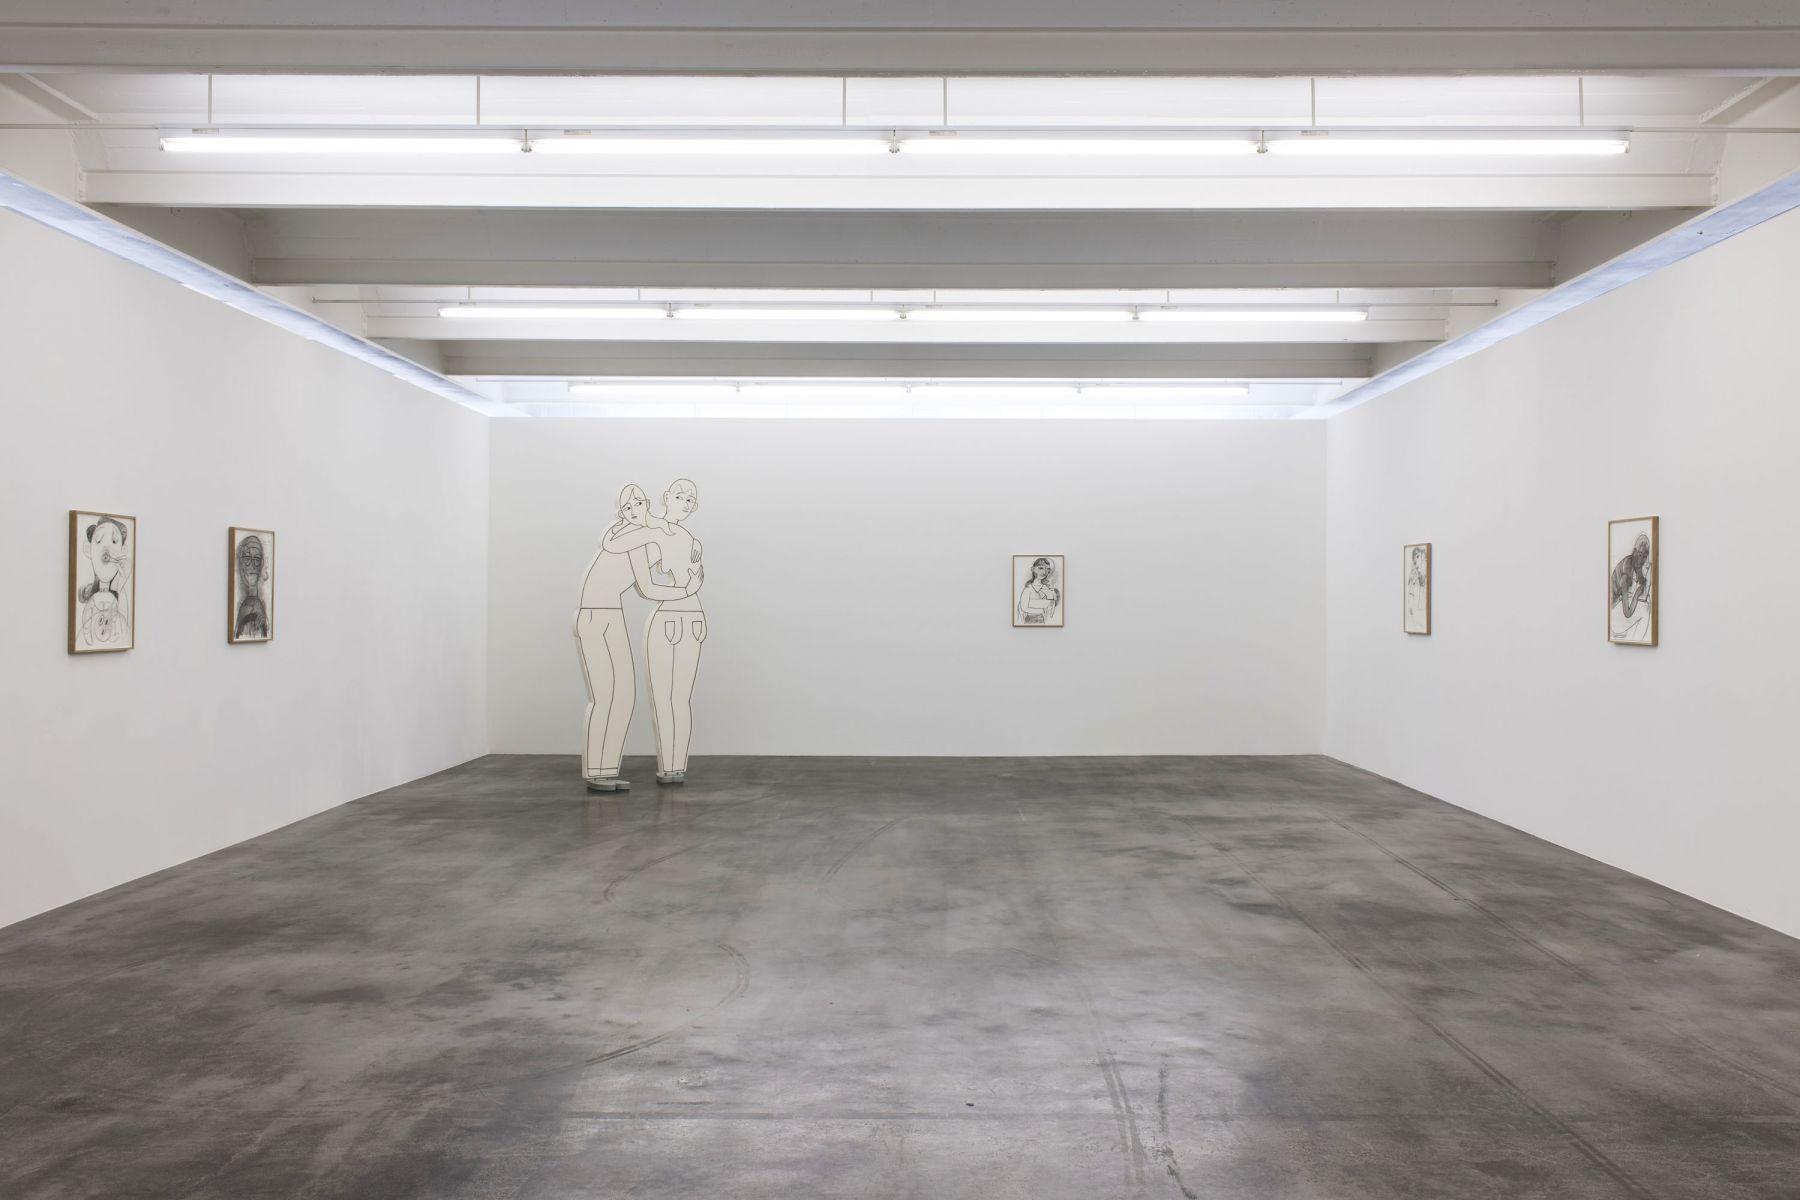 GRACE WEAVERInstallation view frompedestrian,Kunstverein Reutlingen, Germany, 2017